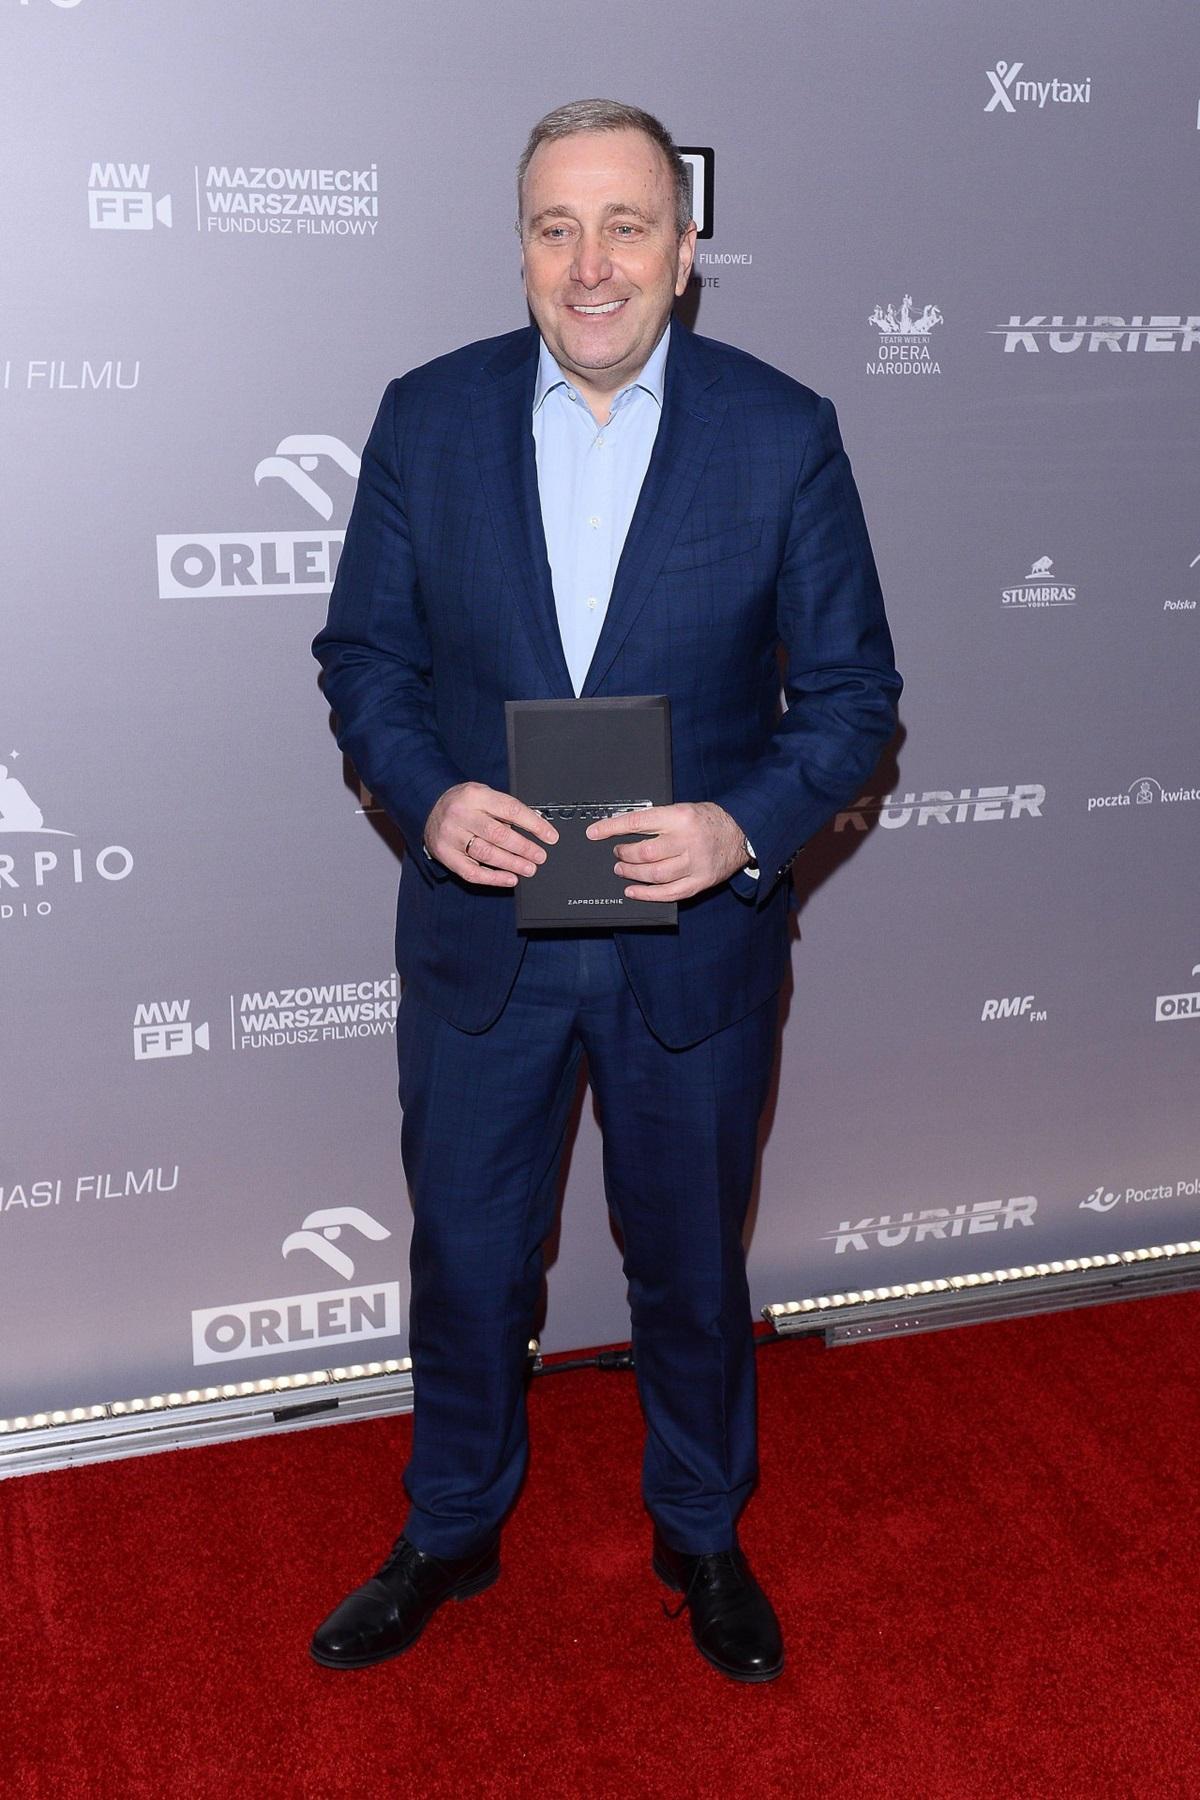 """Grzegorz Schetyna na premierze filmu """"Kurier"""""""